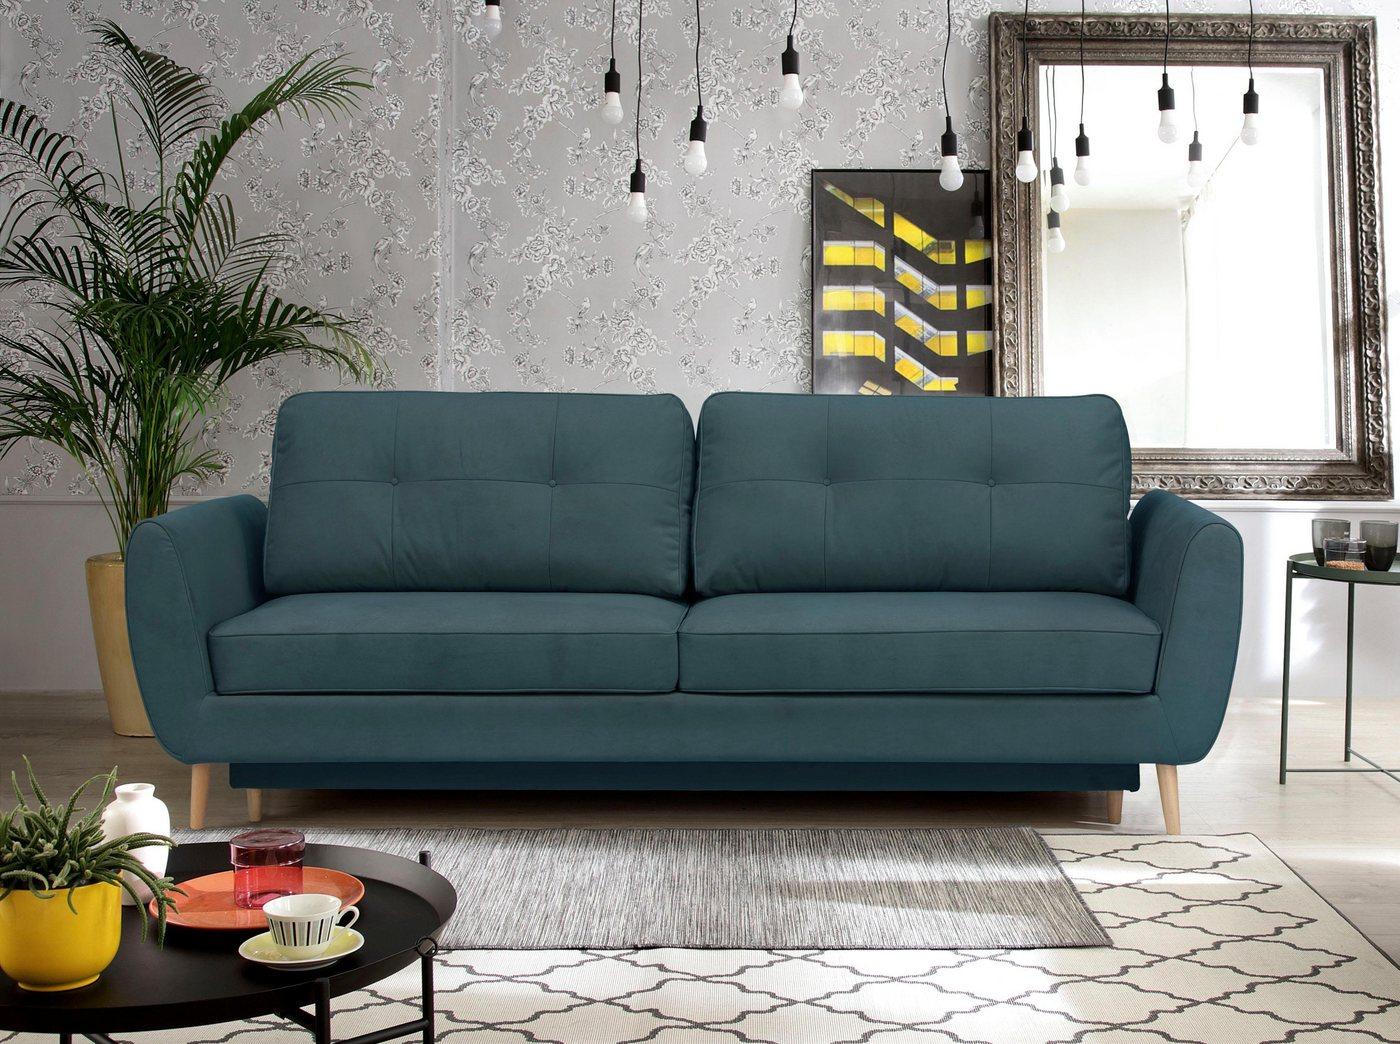 Wajnert 3-Sitzer, mit Bettfunktion und Bettkasten | Wohnzimmer > Sofas & Couches > 2 & 3 Sitzer Sofas | Blau | Wajnert